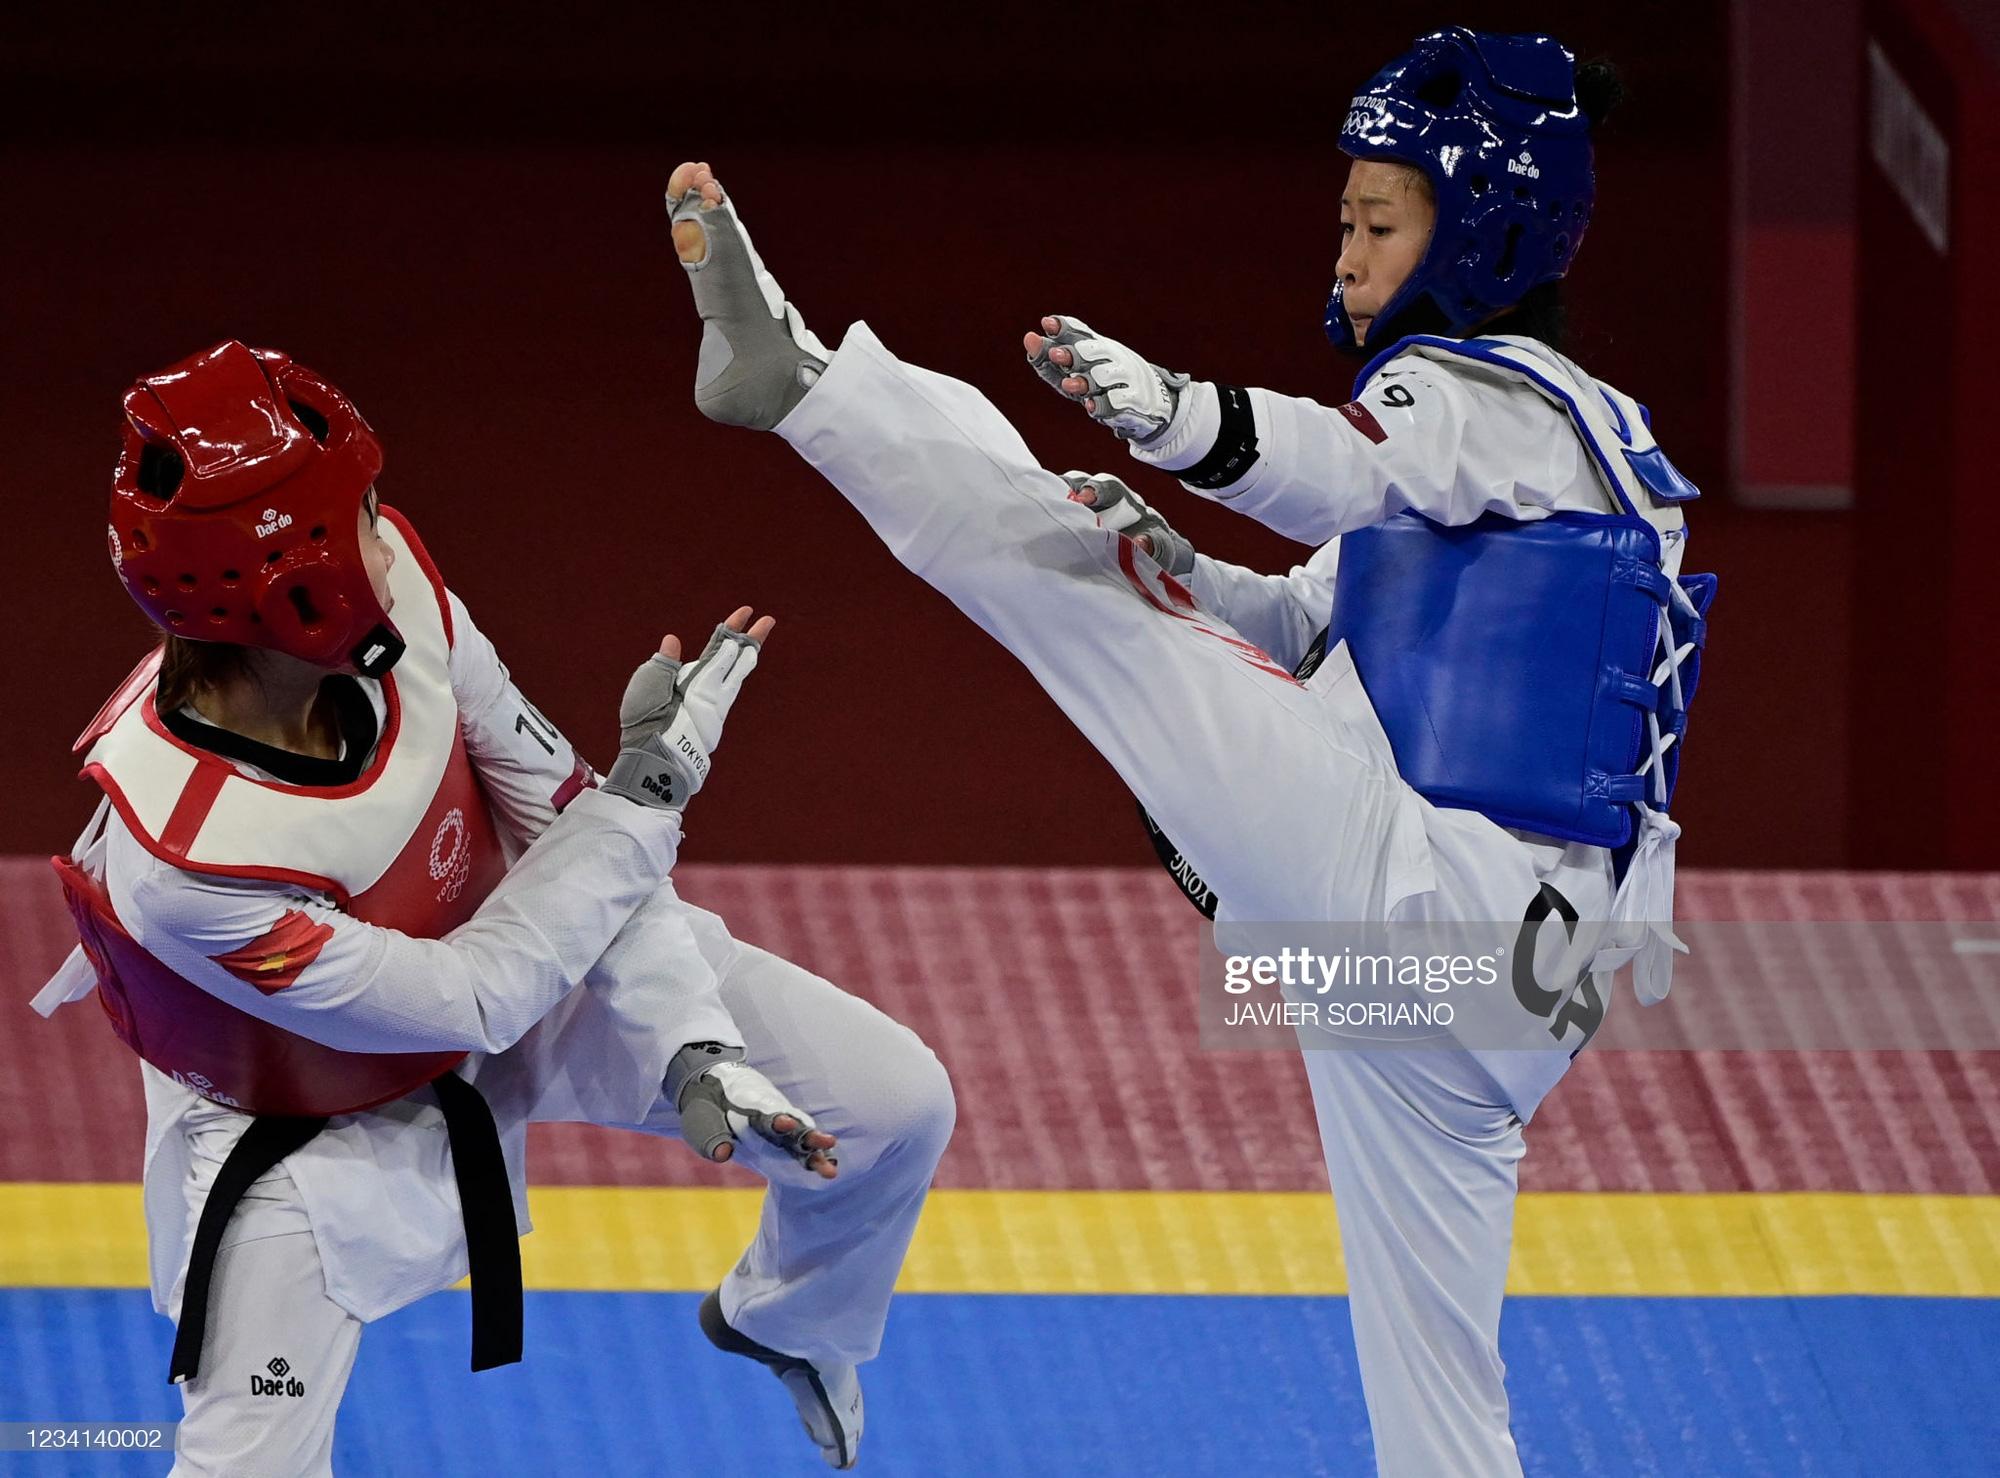 Nỗ lực đến đổ máu, Kim Tuyền (Taekwondo) phải dừng bước tiếc nuối ở Olympic Tokyo 2020 - Ảnh 1.